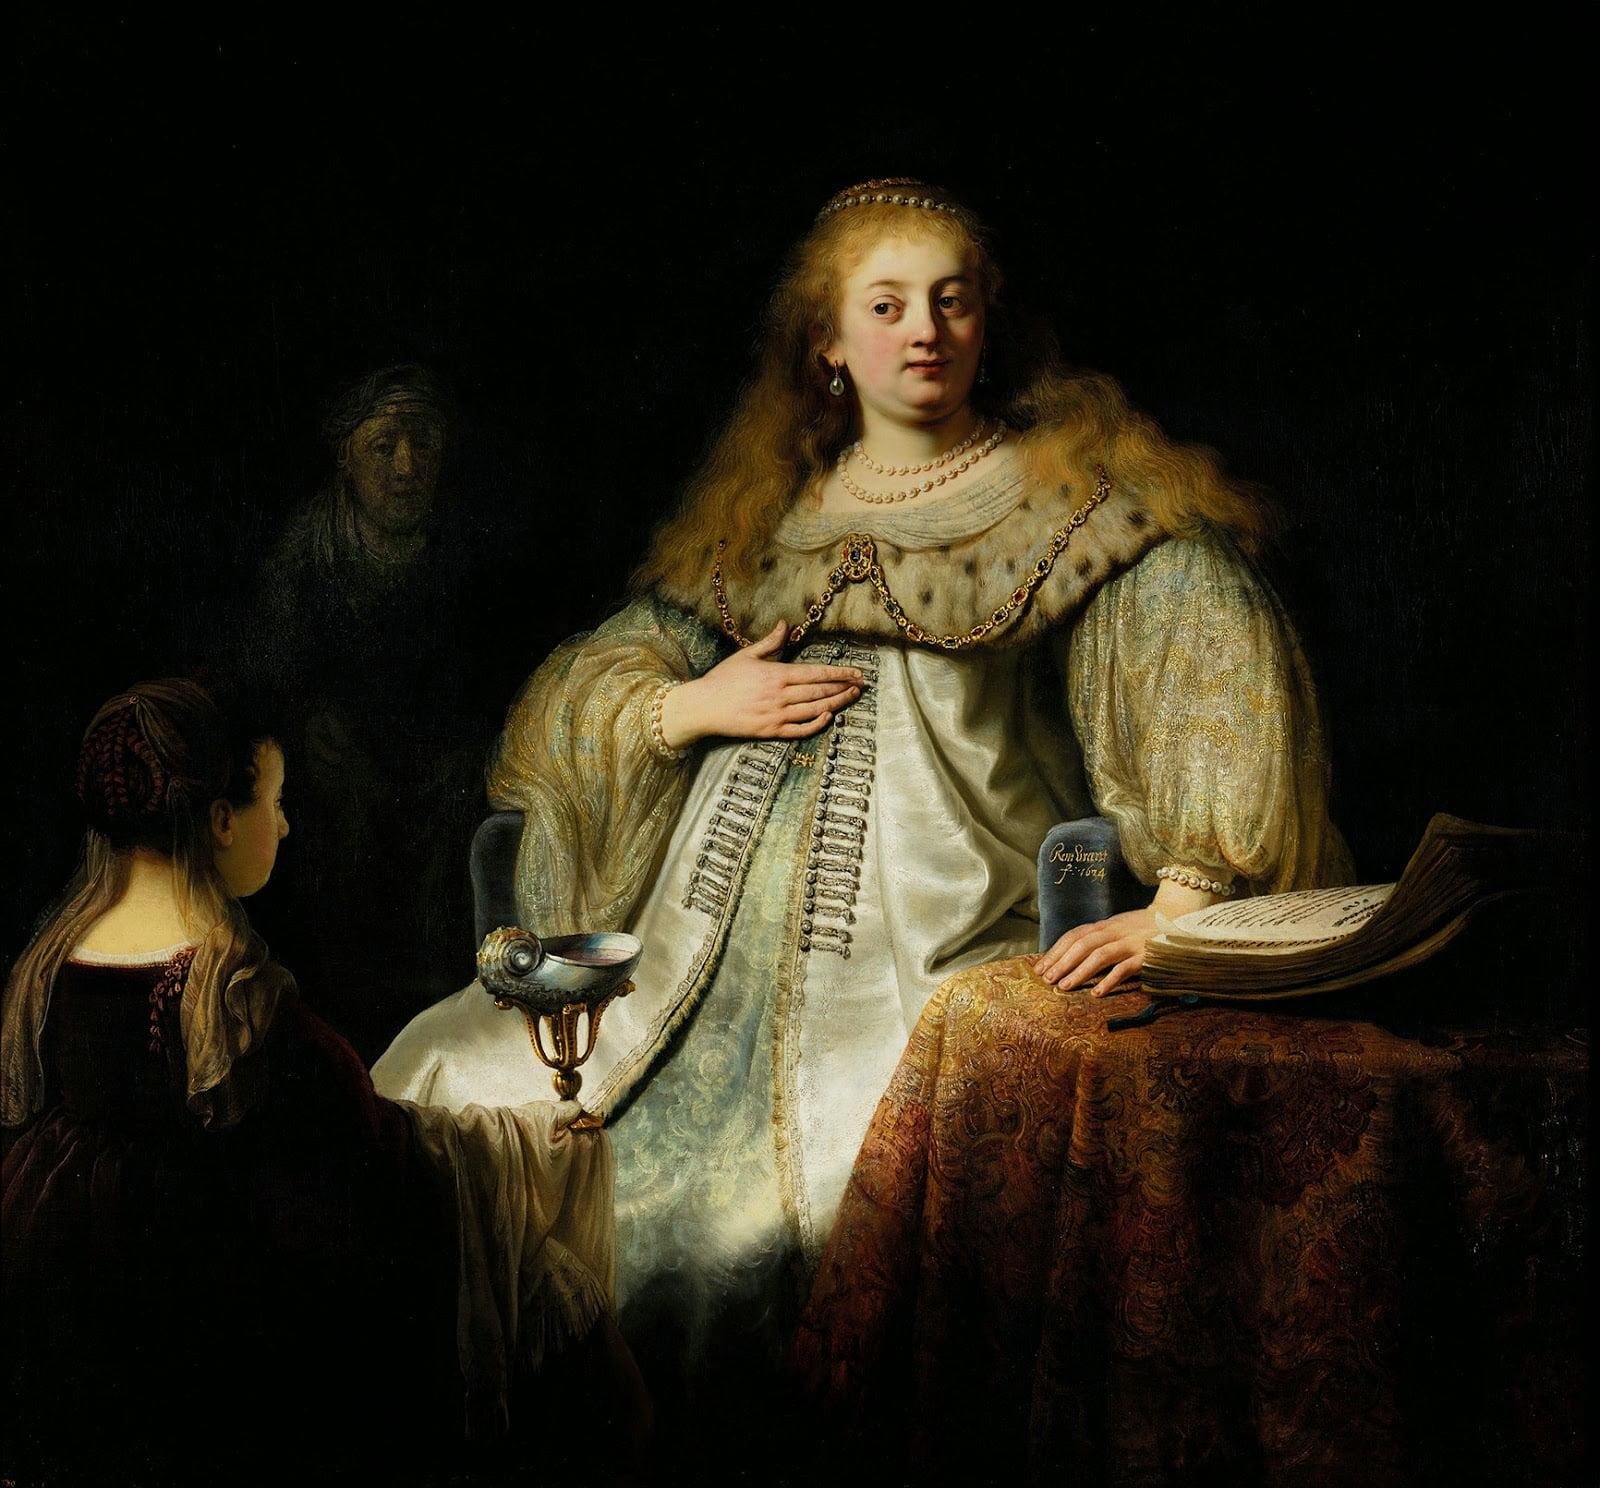 Рембрандт. Artemisia. Артемида. Музей Прадо. Испания